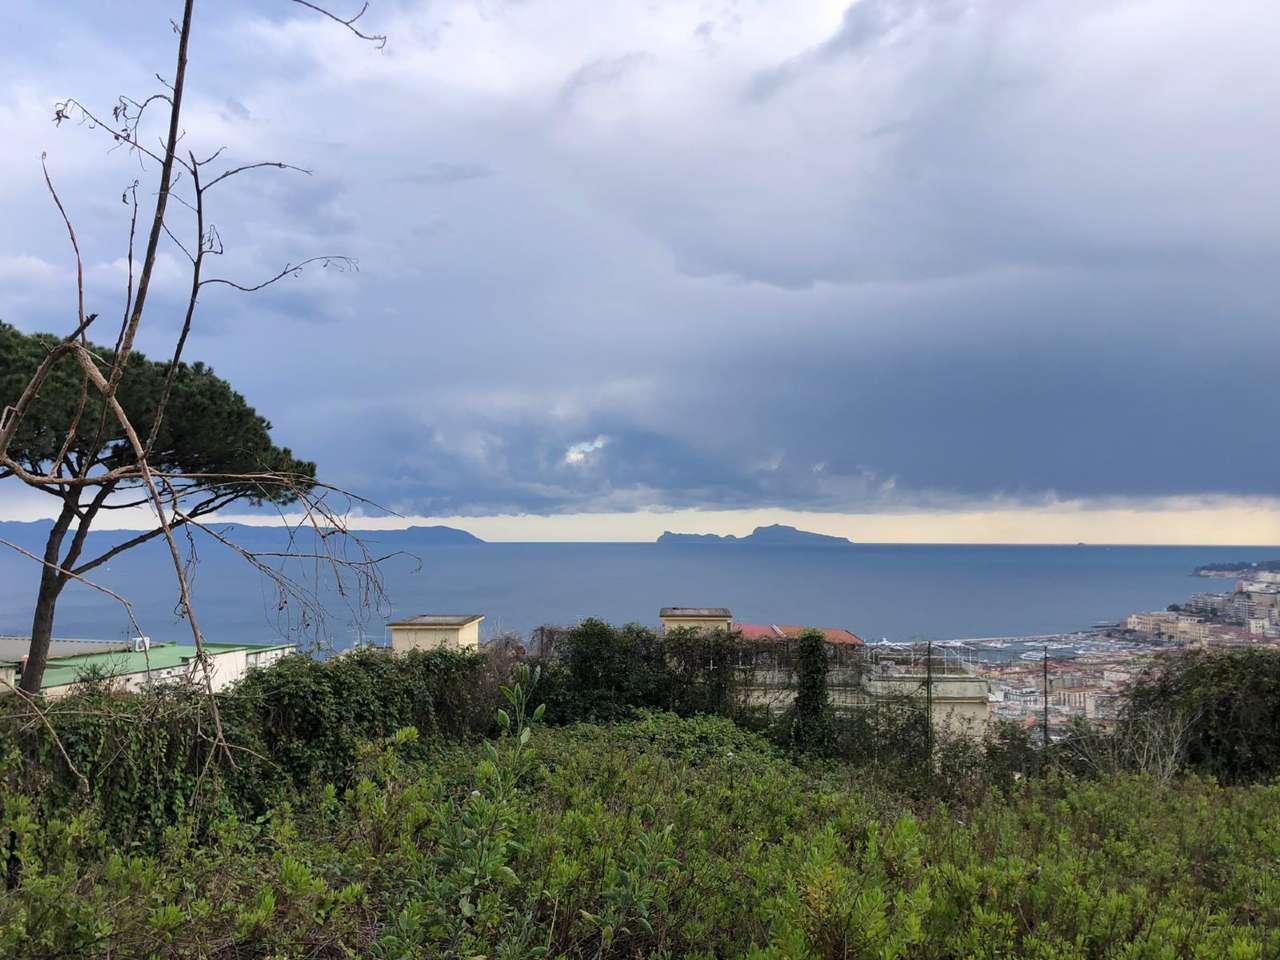 Appartamento, Via Aniello Falcone, zona Vomero, Napoli, foto 2